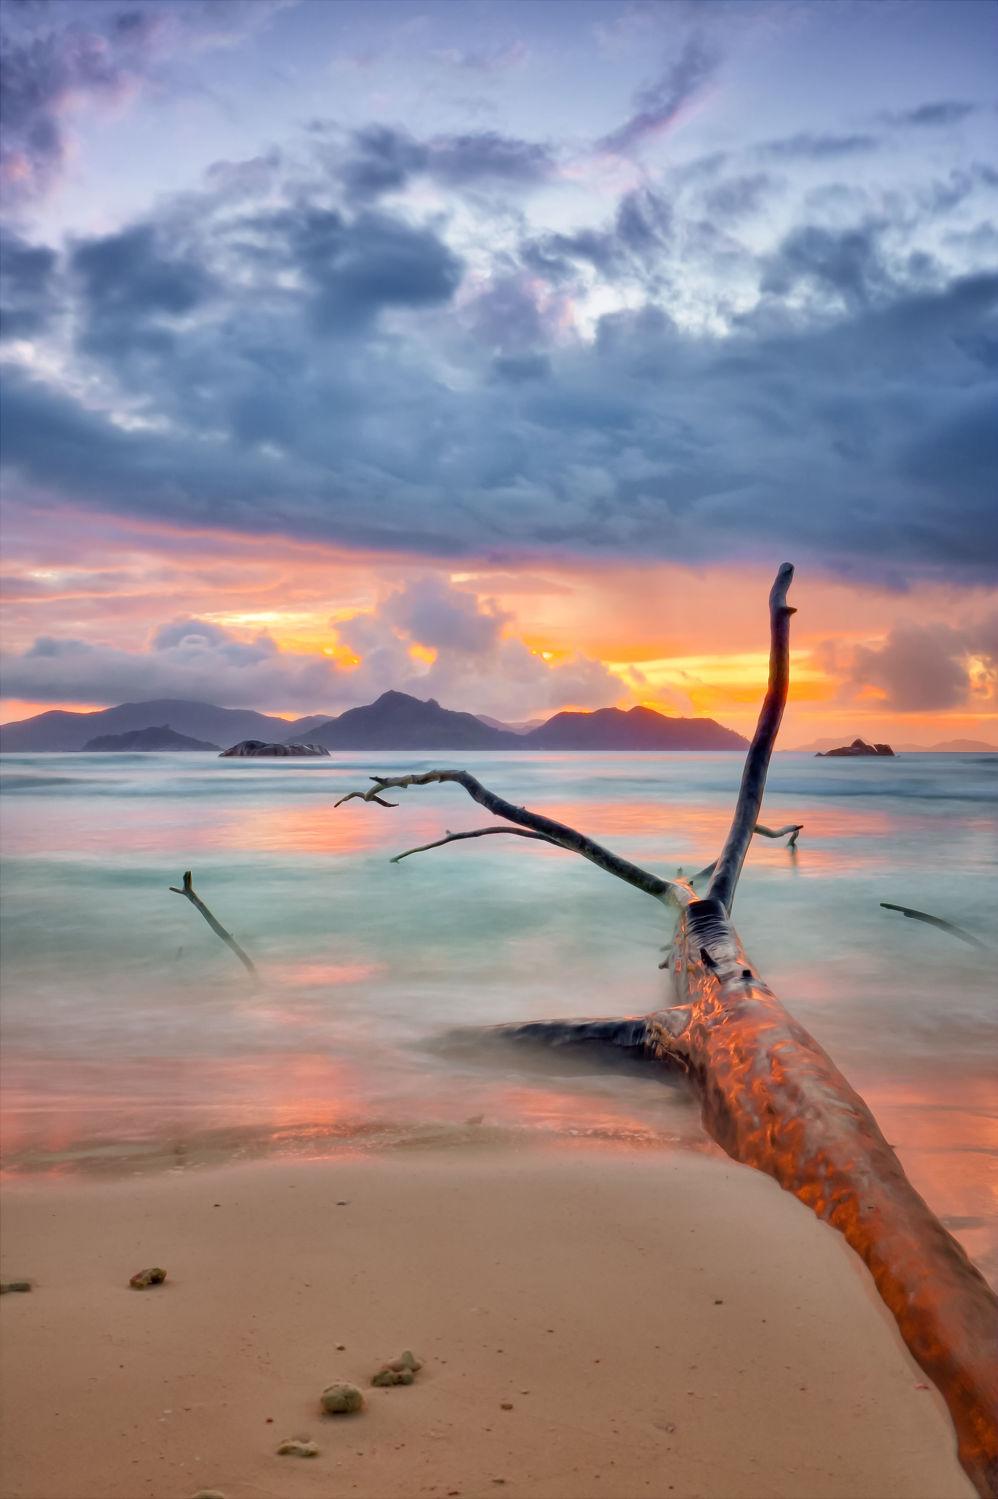 Bild mit Natur, Wasser, Gewässer, Baum, Strand, Sandstrand, Am Meer, Ast, ozean